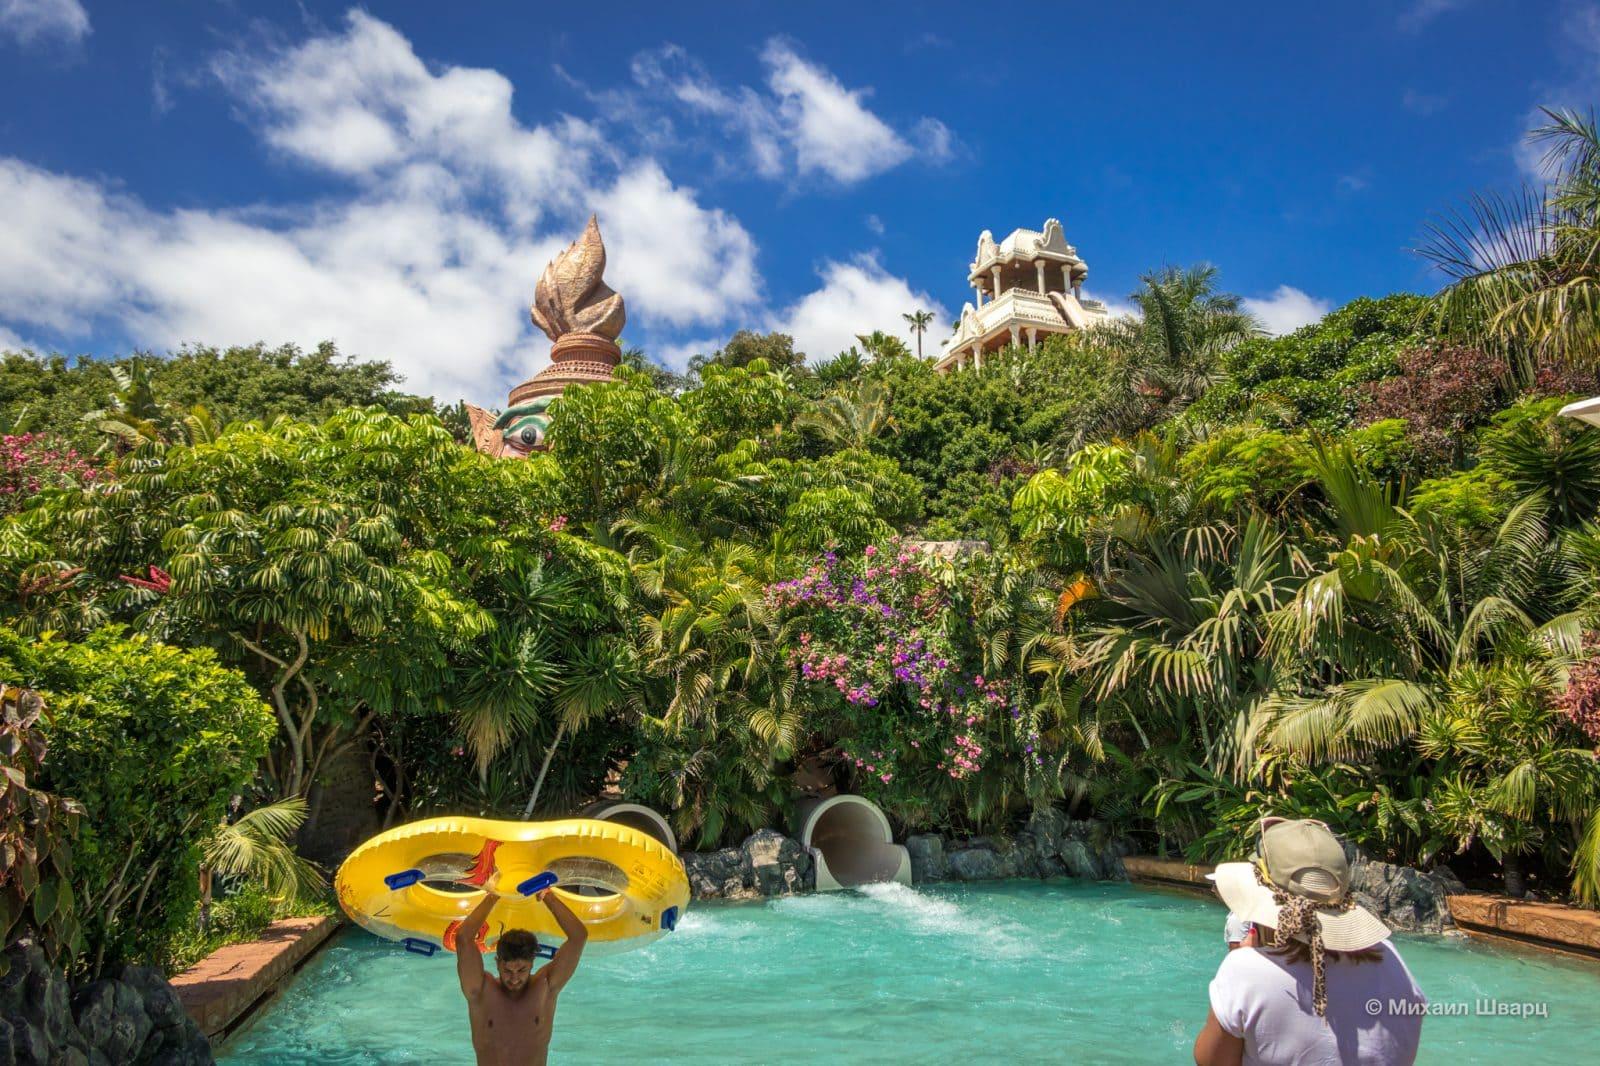 Тайская тематика присутствует повсюду в этом «водном королевстве»